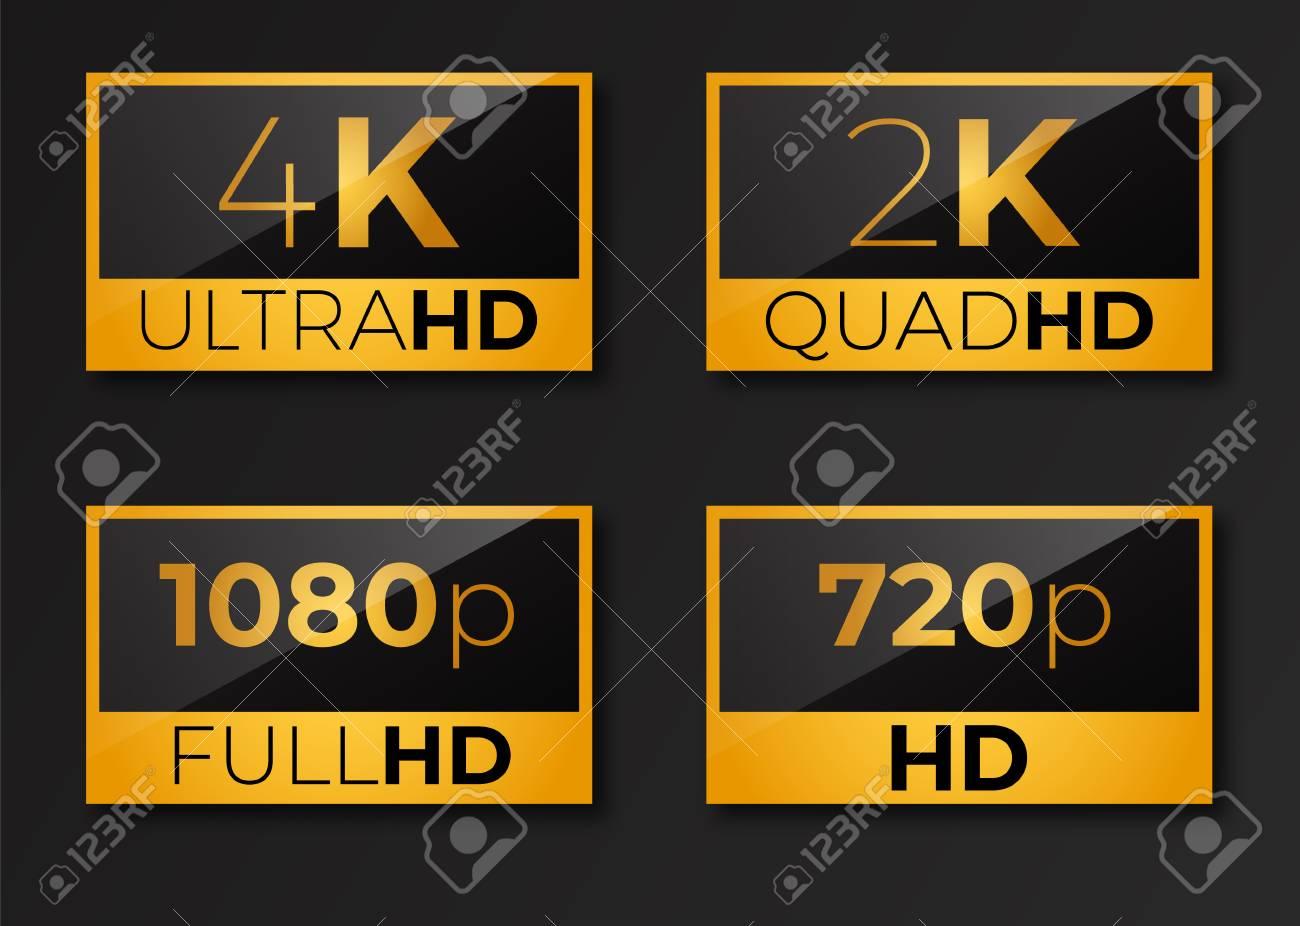 4k ultrahd , 2k quadhd , 1080 fullhd and 720 hd dimensions of video - 123594307